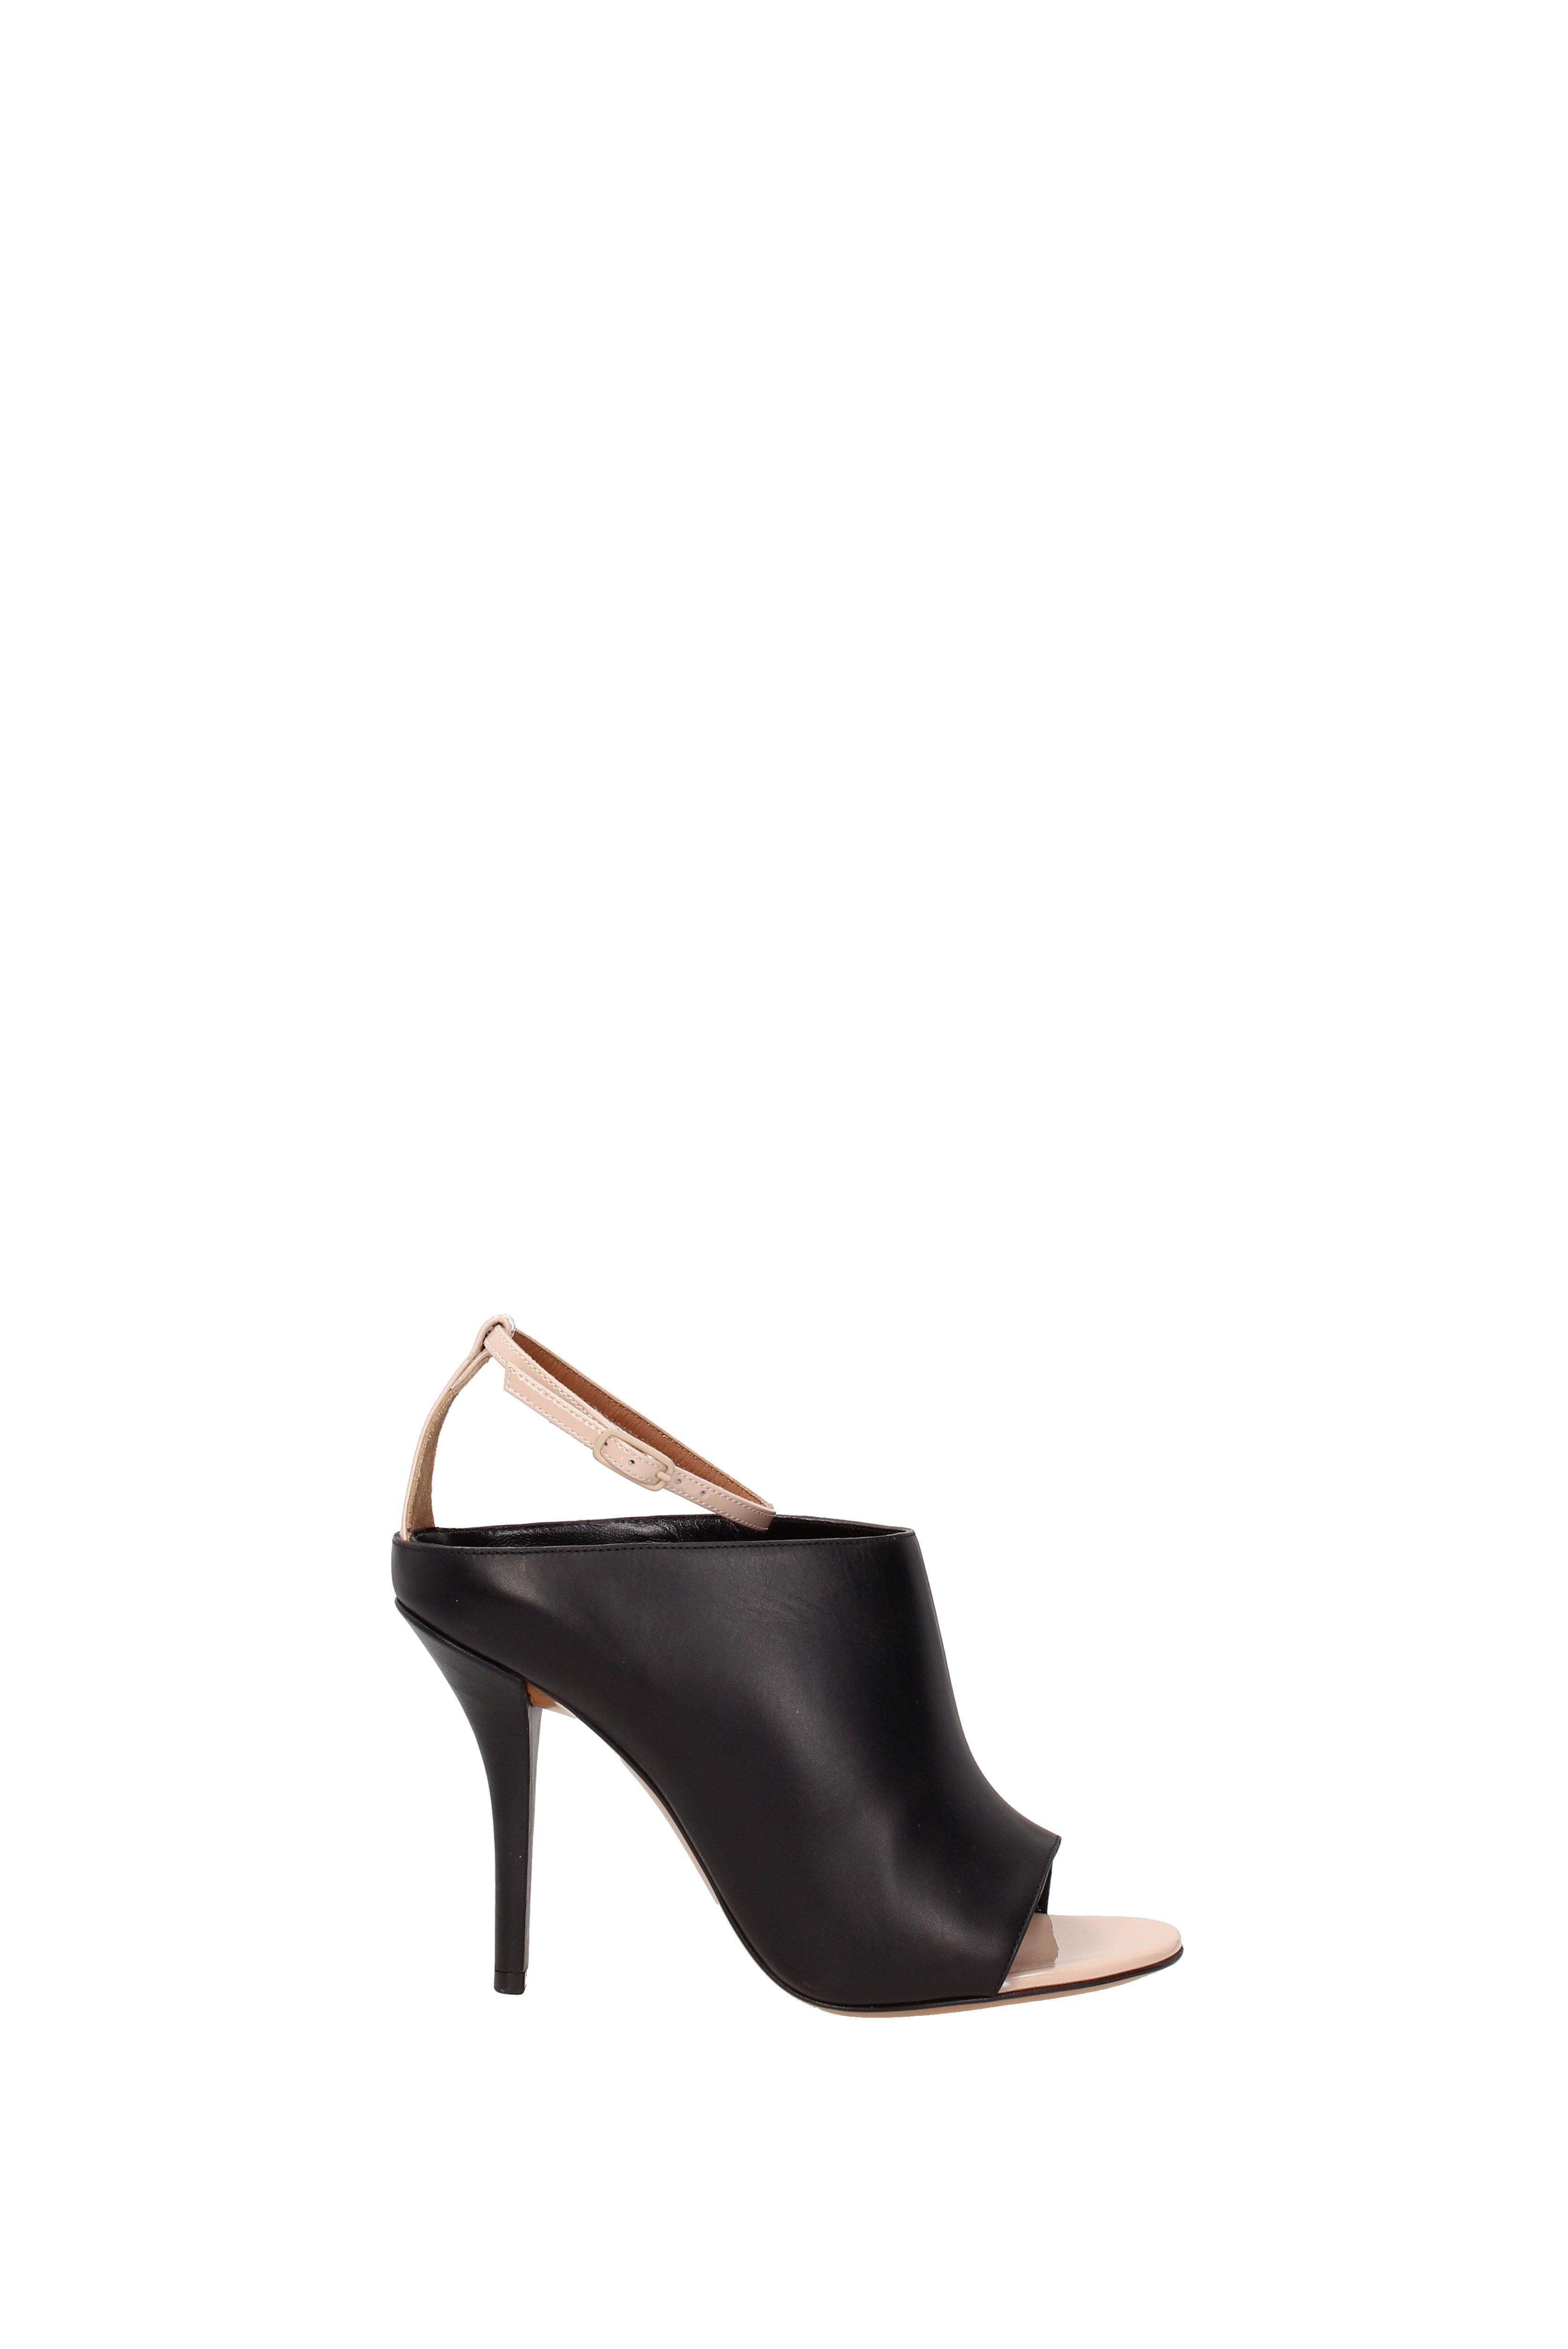 Sandalen Givenchy Damen - - - Leder (BE09119148) 003407